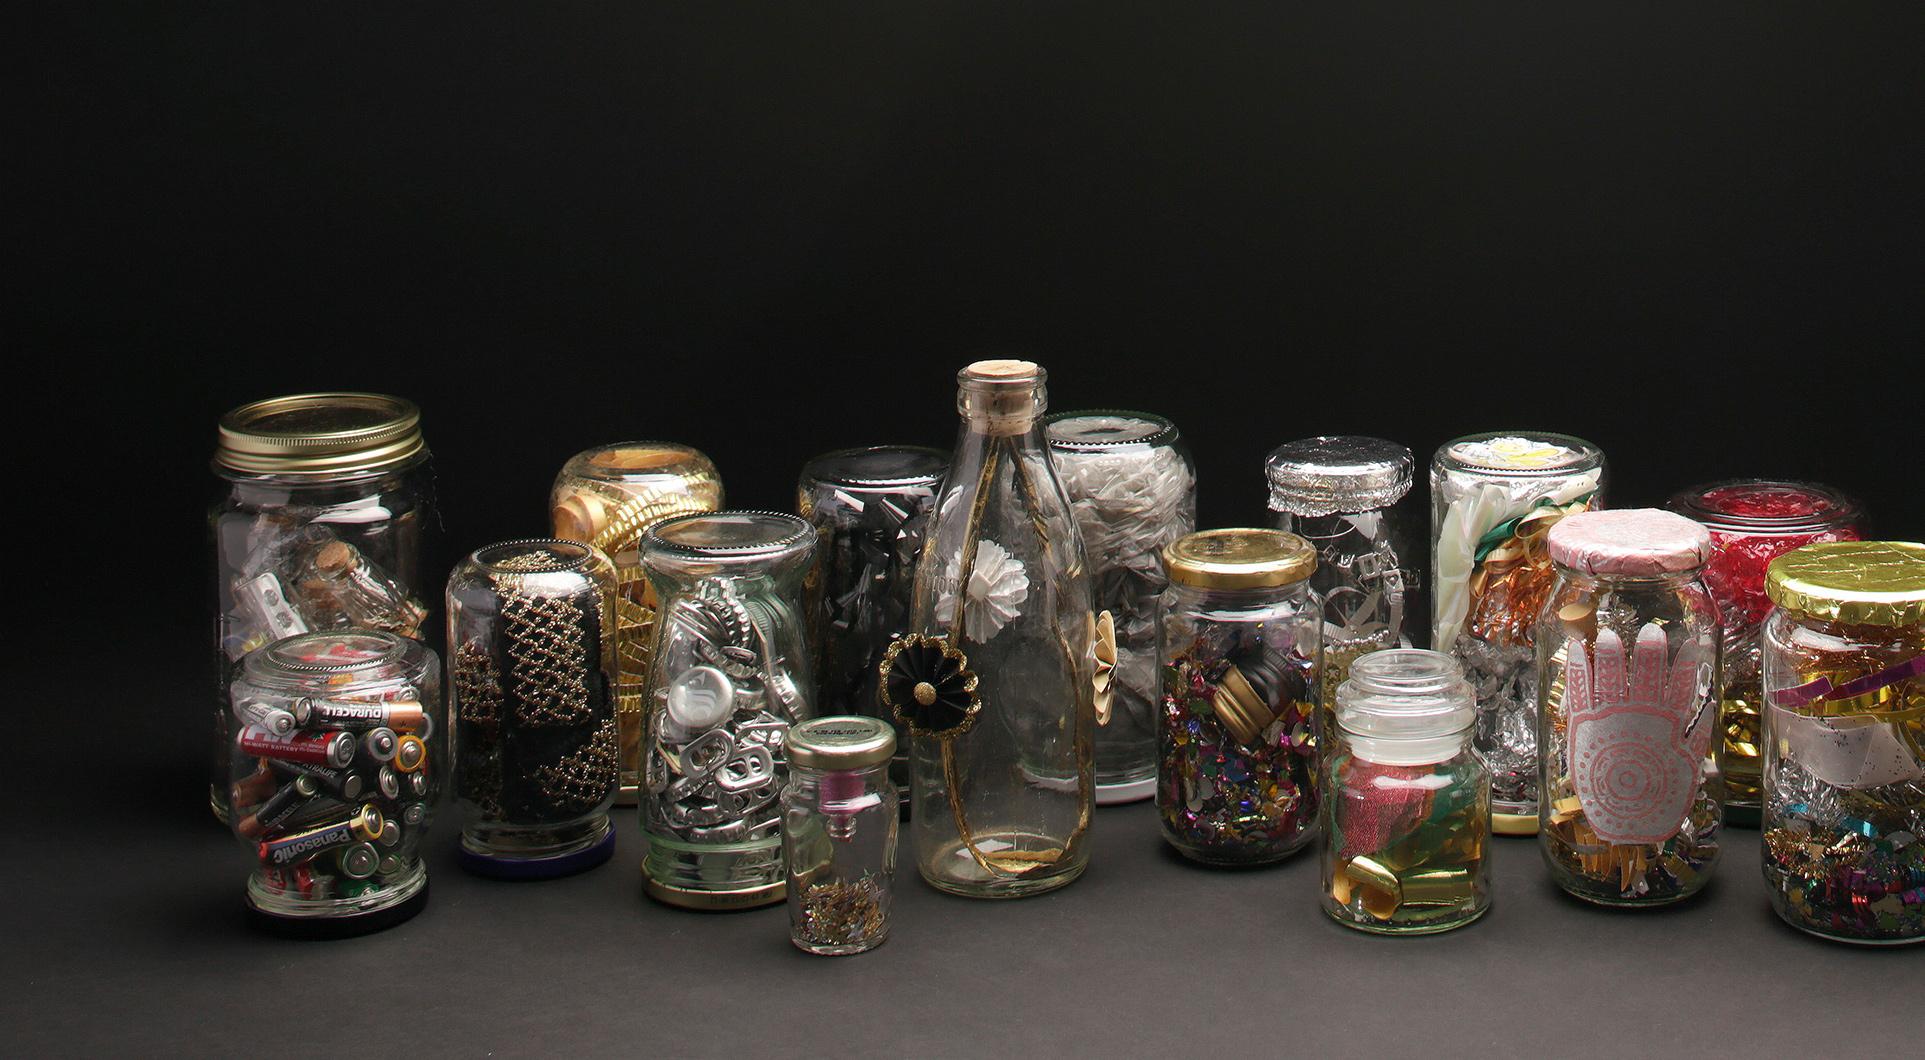 Lauren Lysaght: The Jar Room